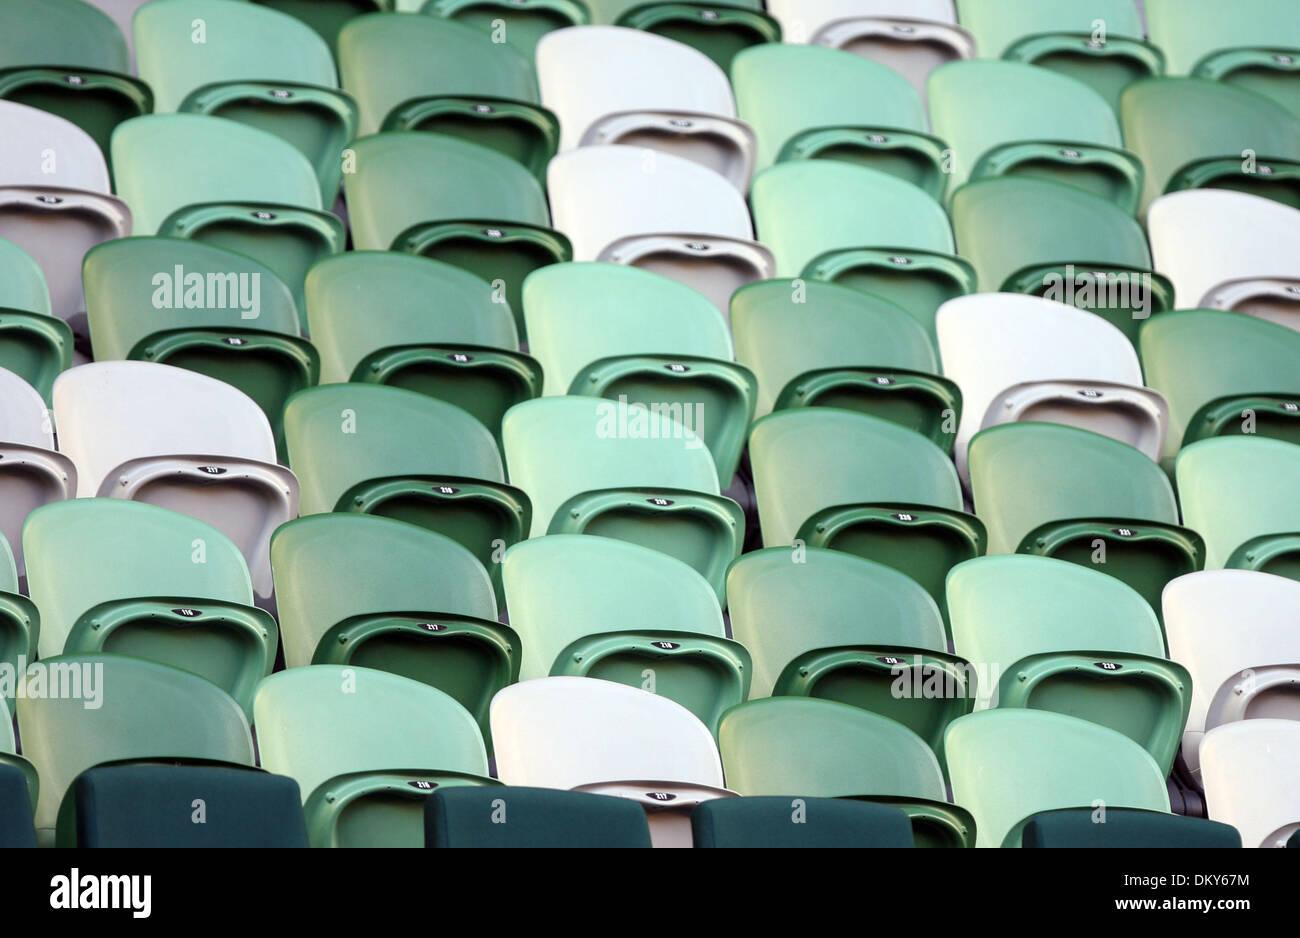 Jan 20, 2010 - Melbourne, Victoria, Australia - stadio vuoto sedi durante la Justine Henin (BEL) vs Elena Dementieva corrispondere durante il turno di un ricorso presso l'Australian Open 2010. (Credito Immagine: © MM Immagini/ZUMA Press) Immagini Stock